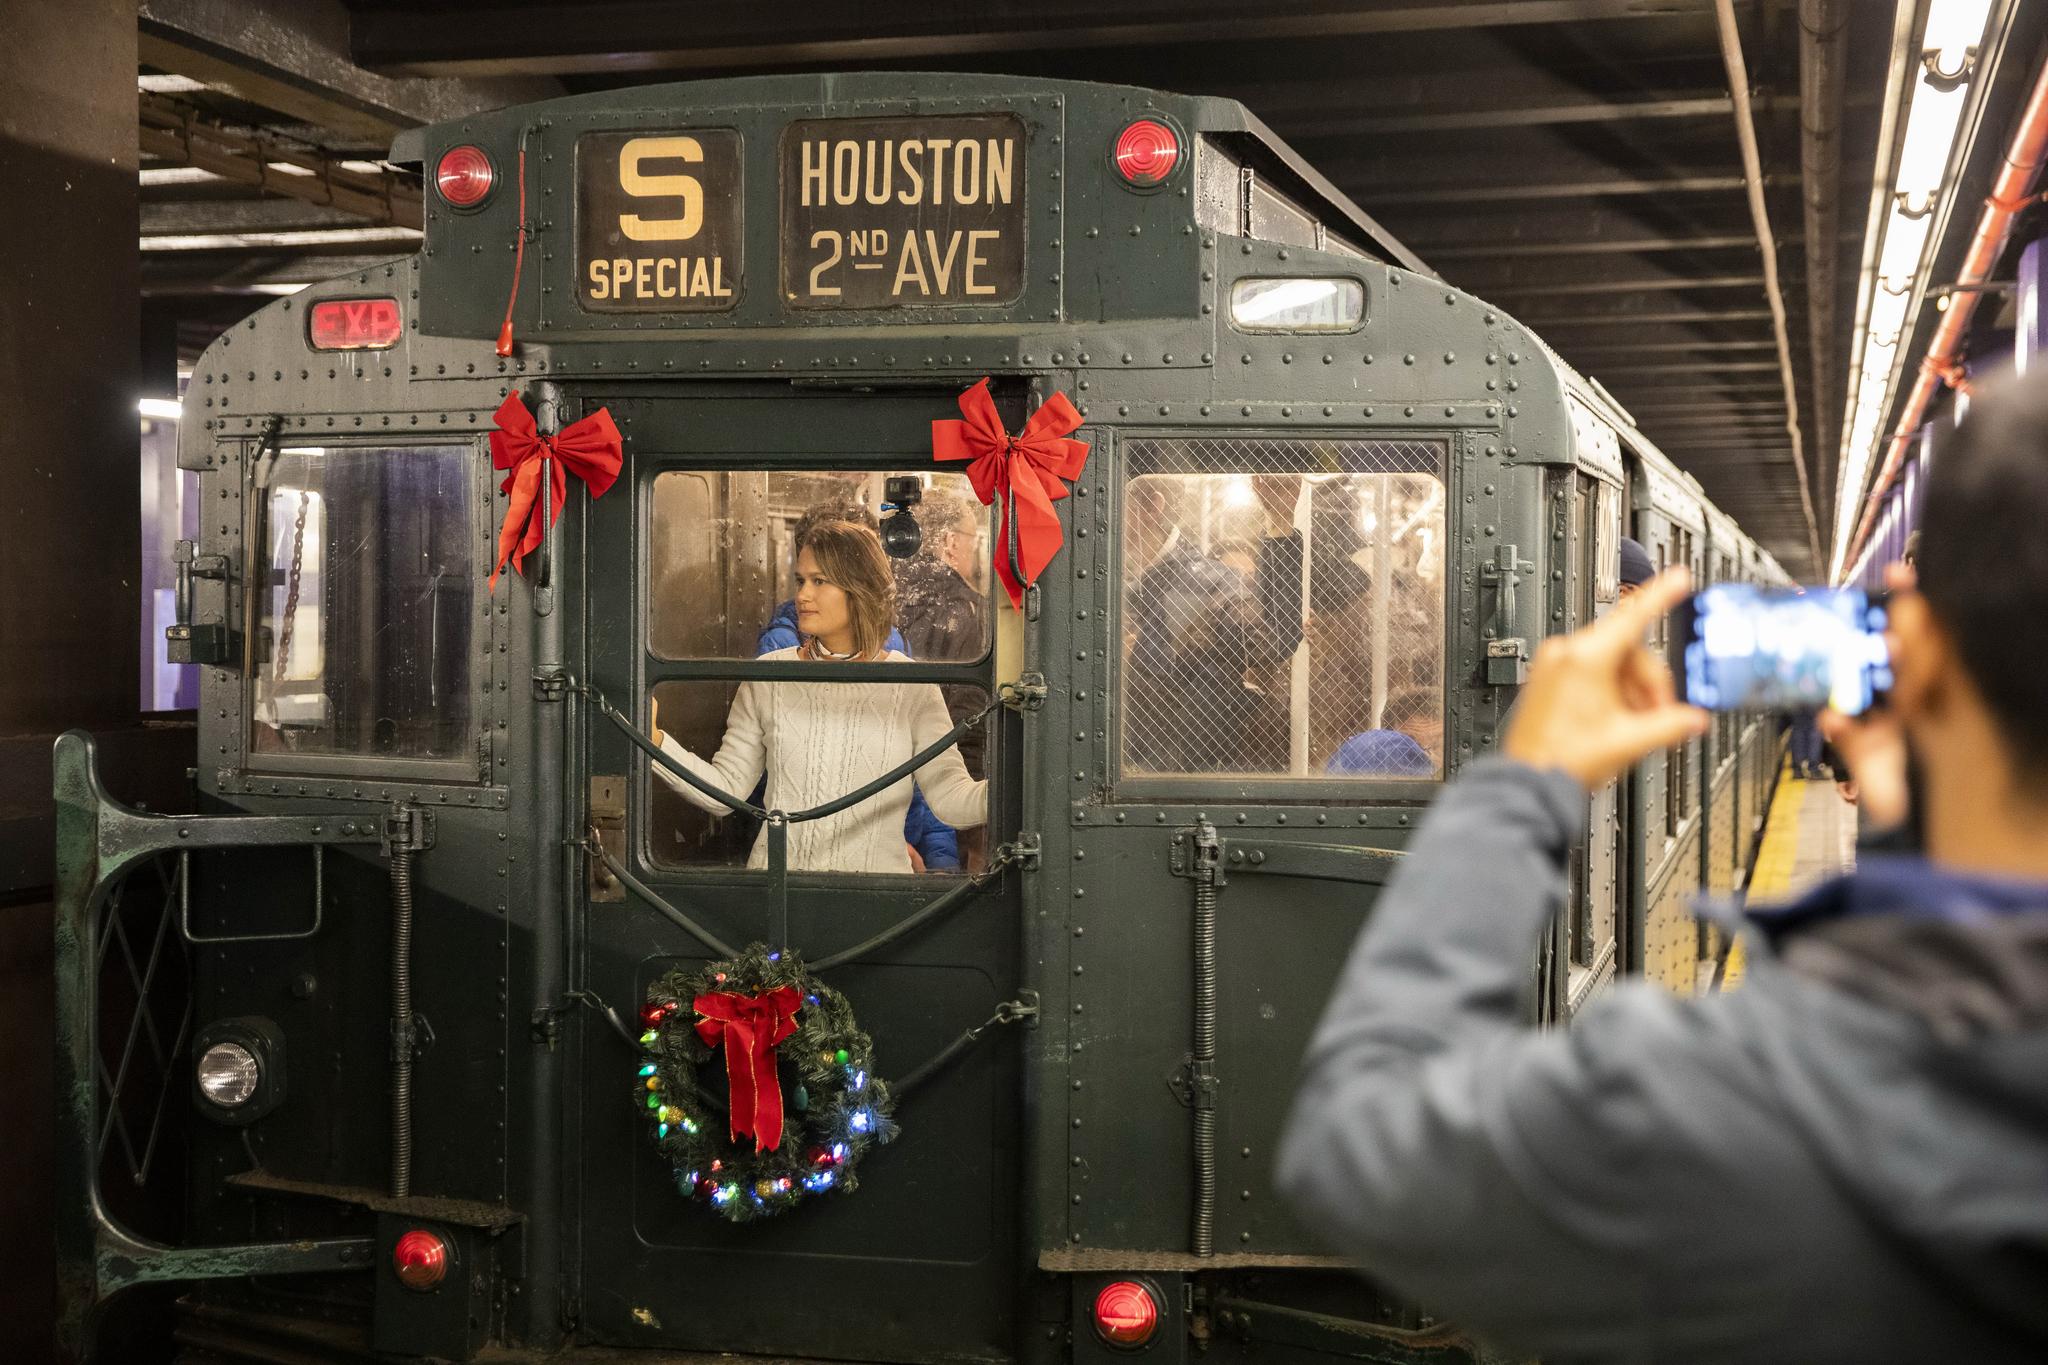 뉴욕 시민들이 8일 '추억의 옛날 지하철 타기' 행사에 참가해 1930년대 지하철을 타보고 있다. [Xinhua=연합뉴스]